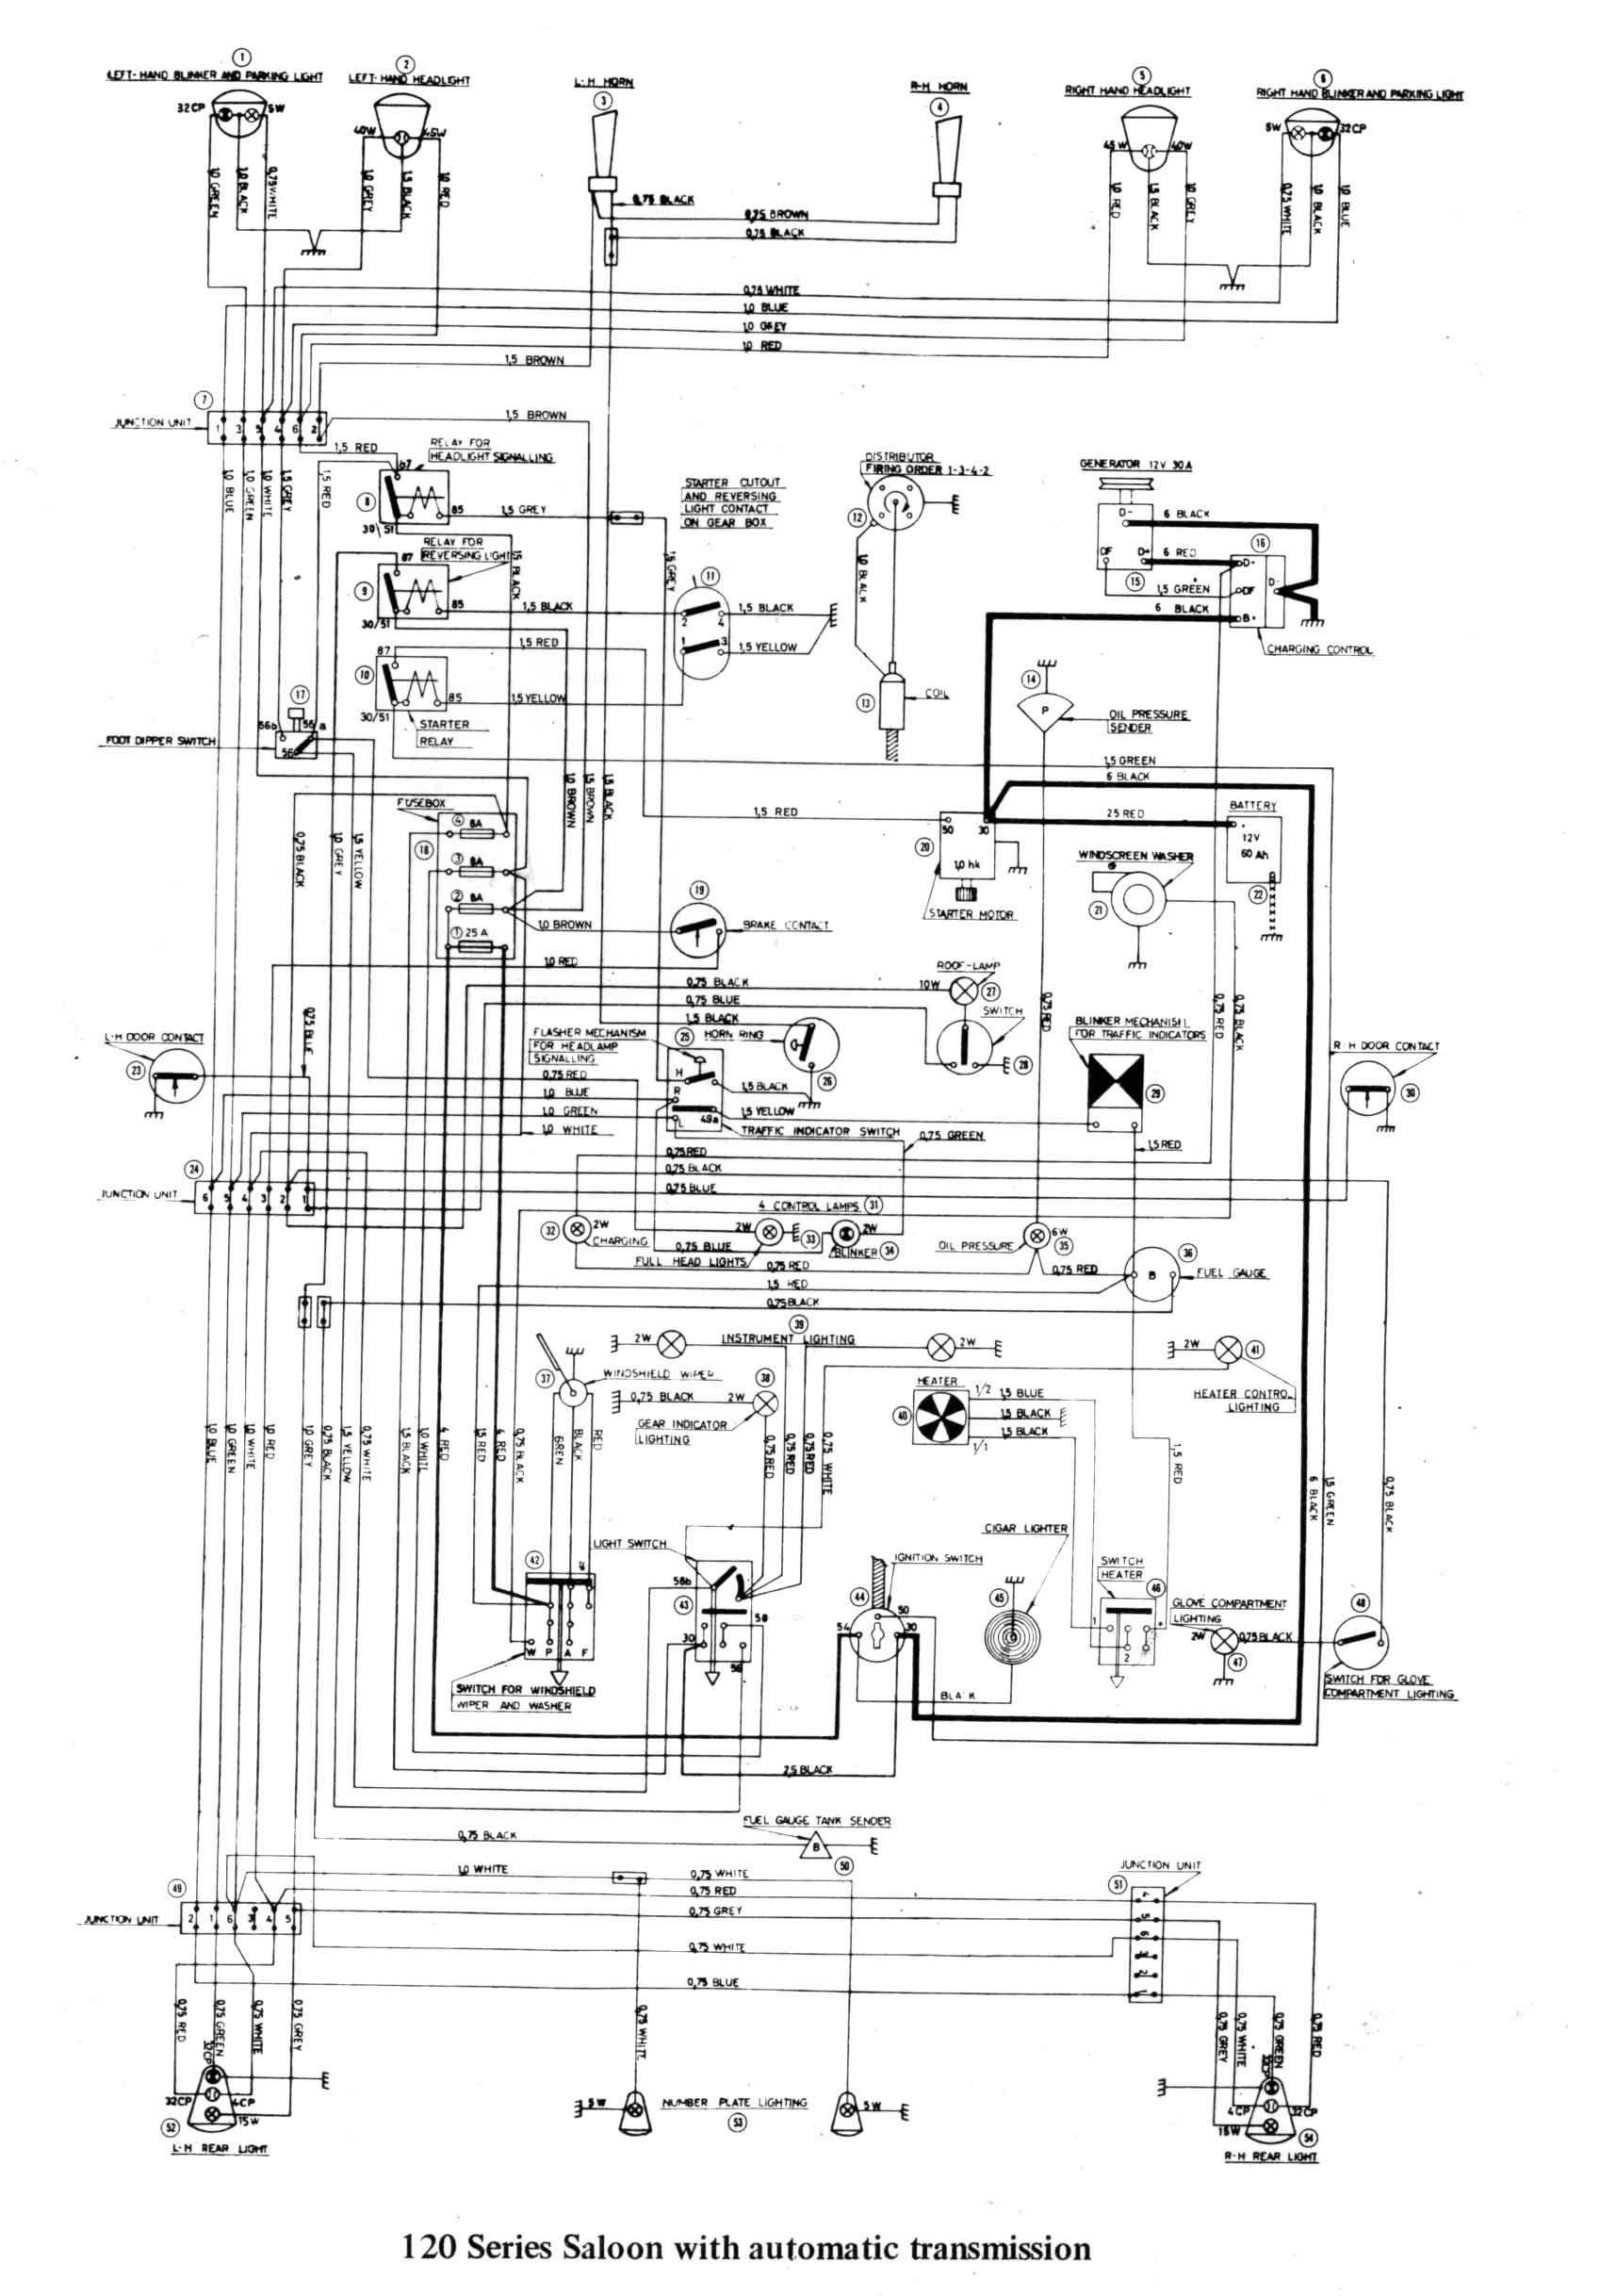 2008 Dodge Sprinter Fuse Box Diagram Wiring Library Mgf Schaltbilder Inhalt